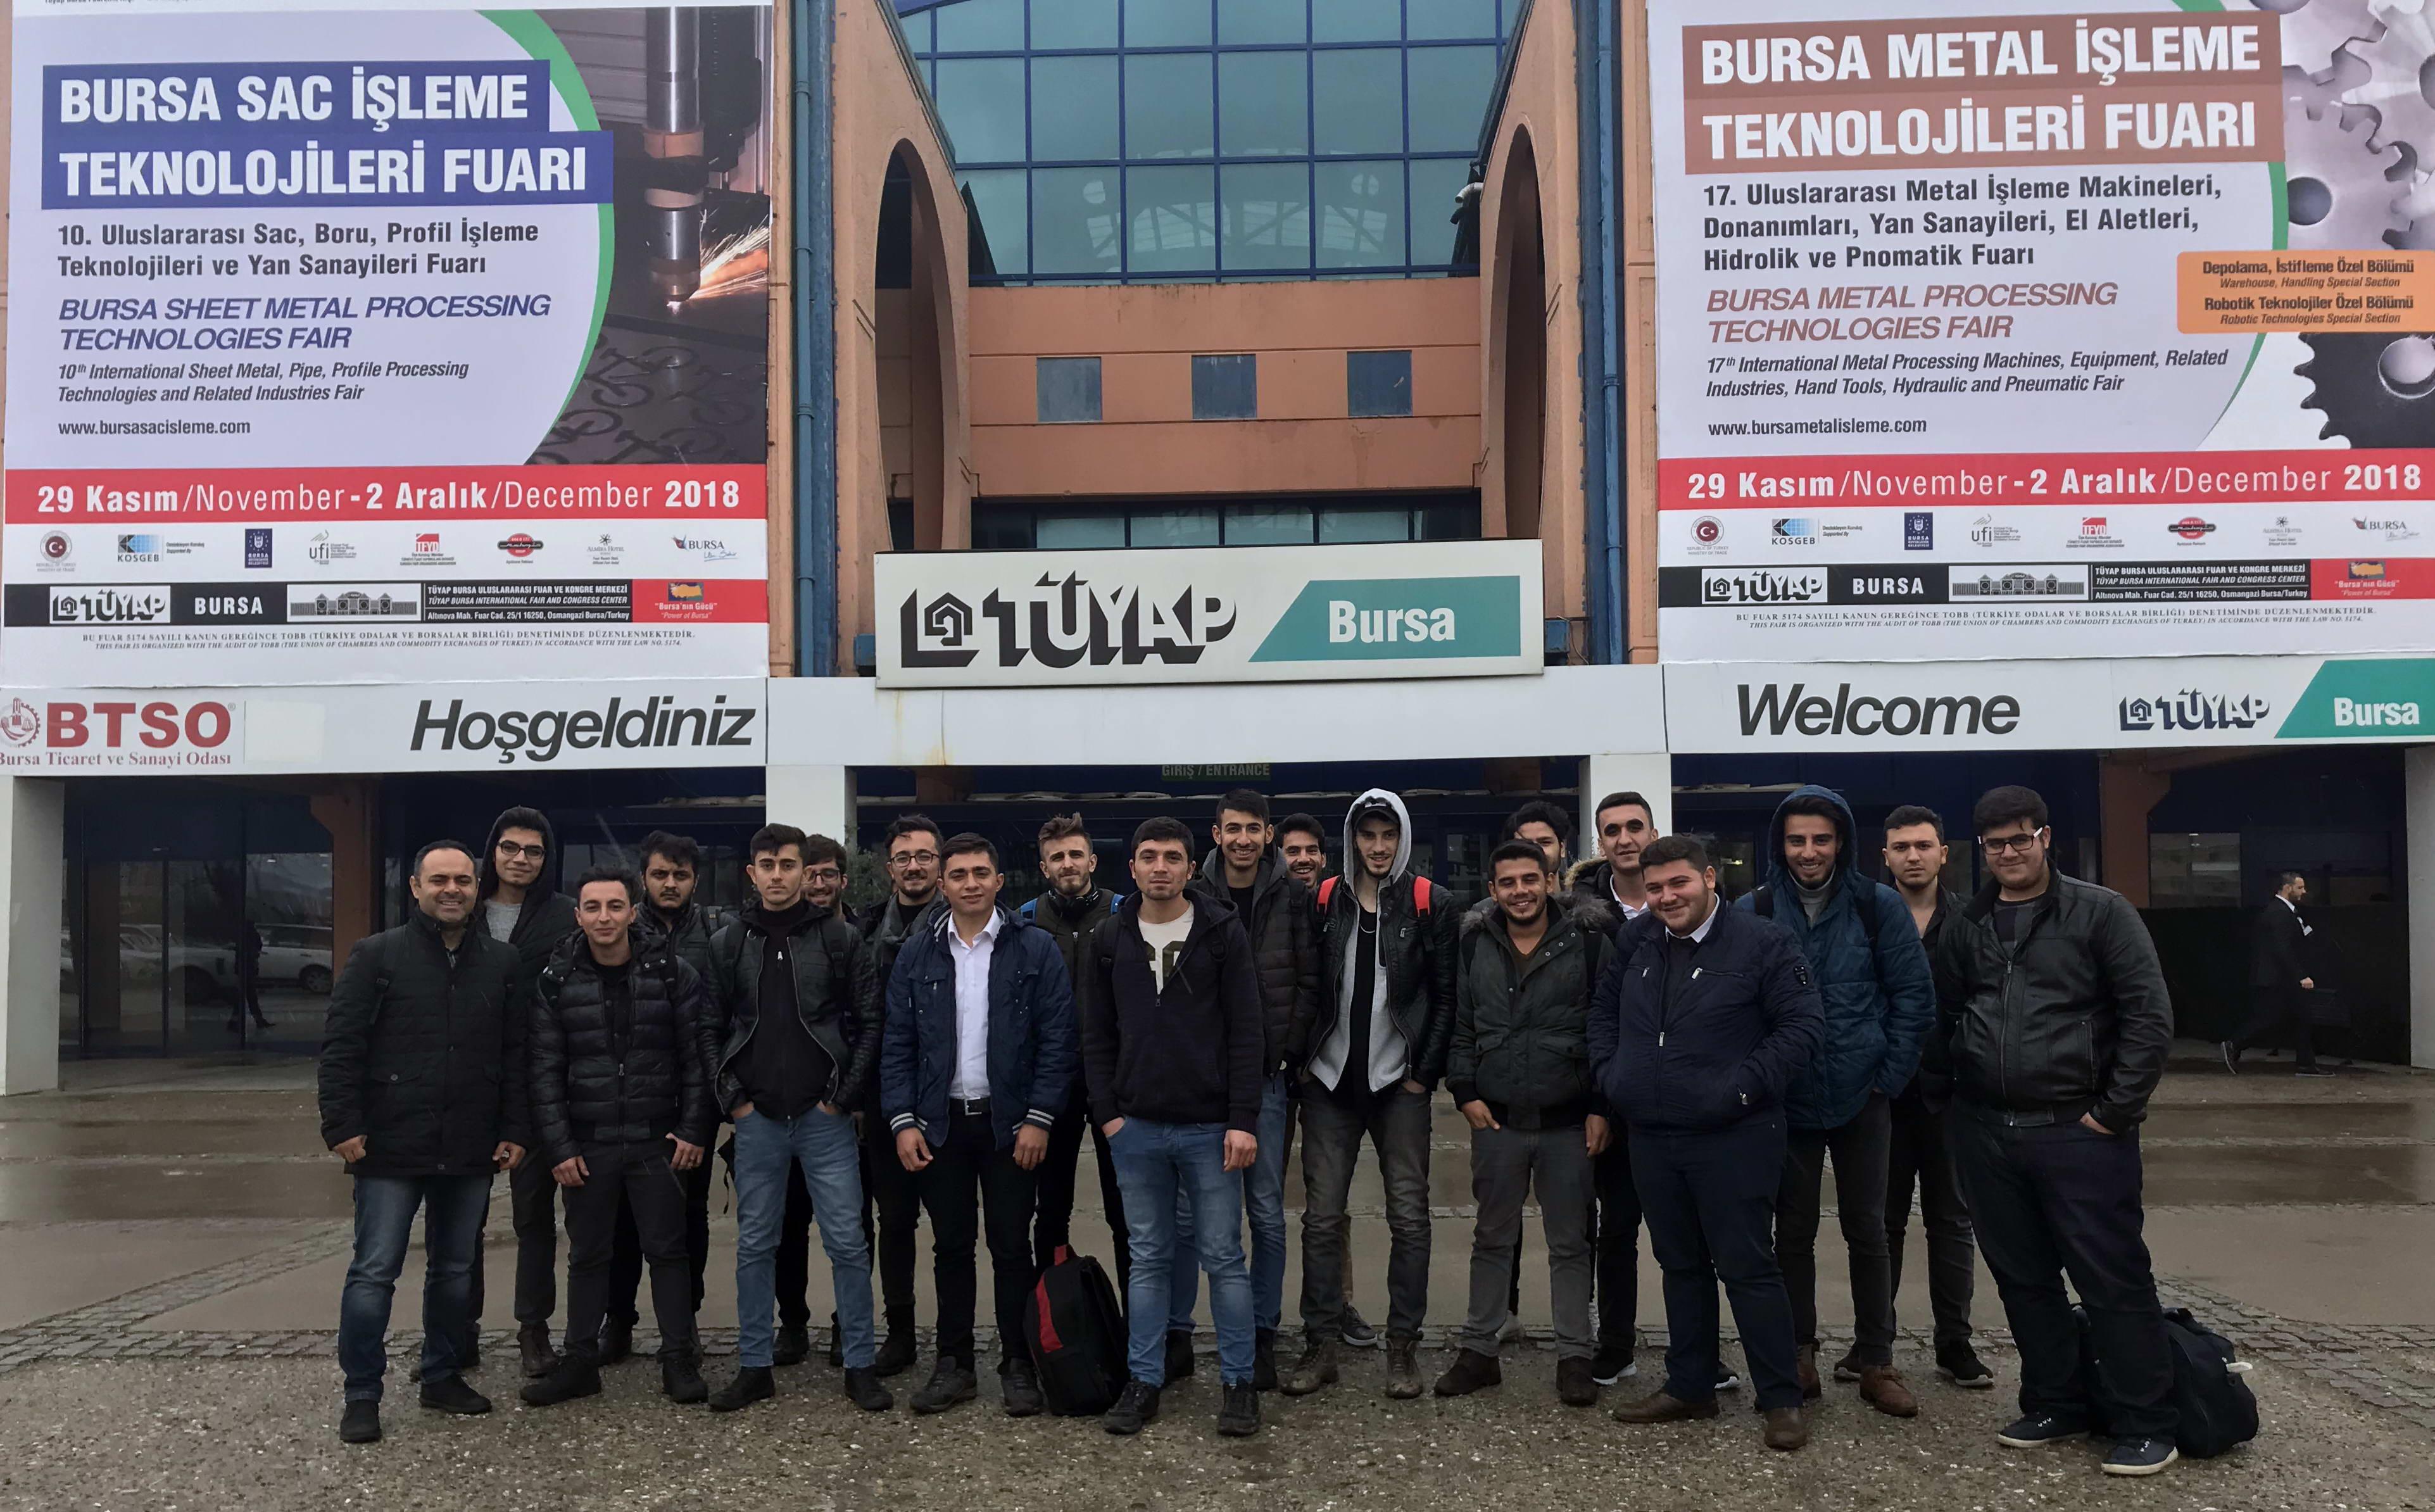 Naci Topçuoğlu Meslek Yüksekokulu Öğrencilerinden Bursa Fuarına Teknik Gezi -  (1)